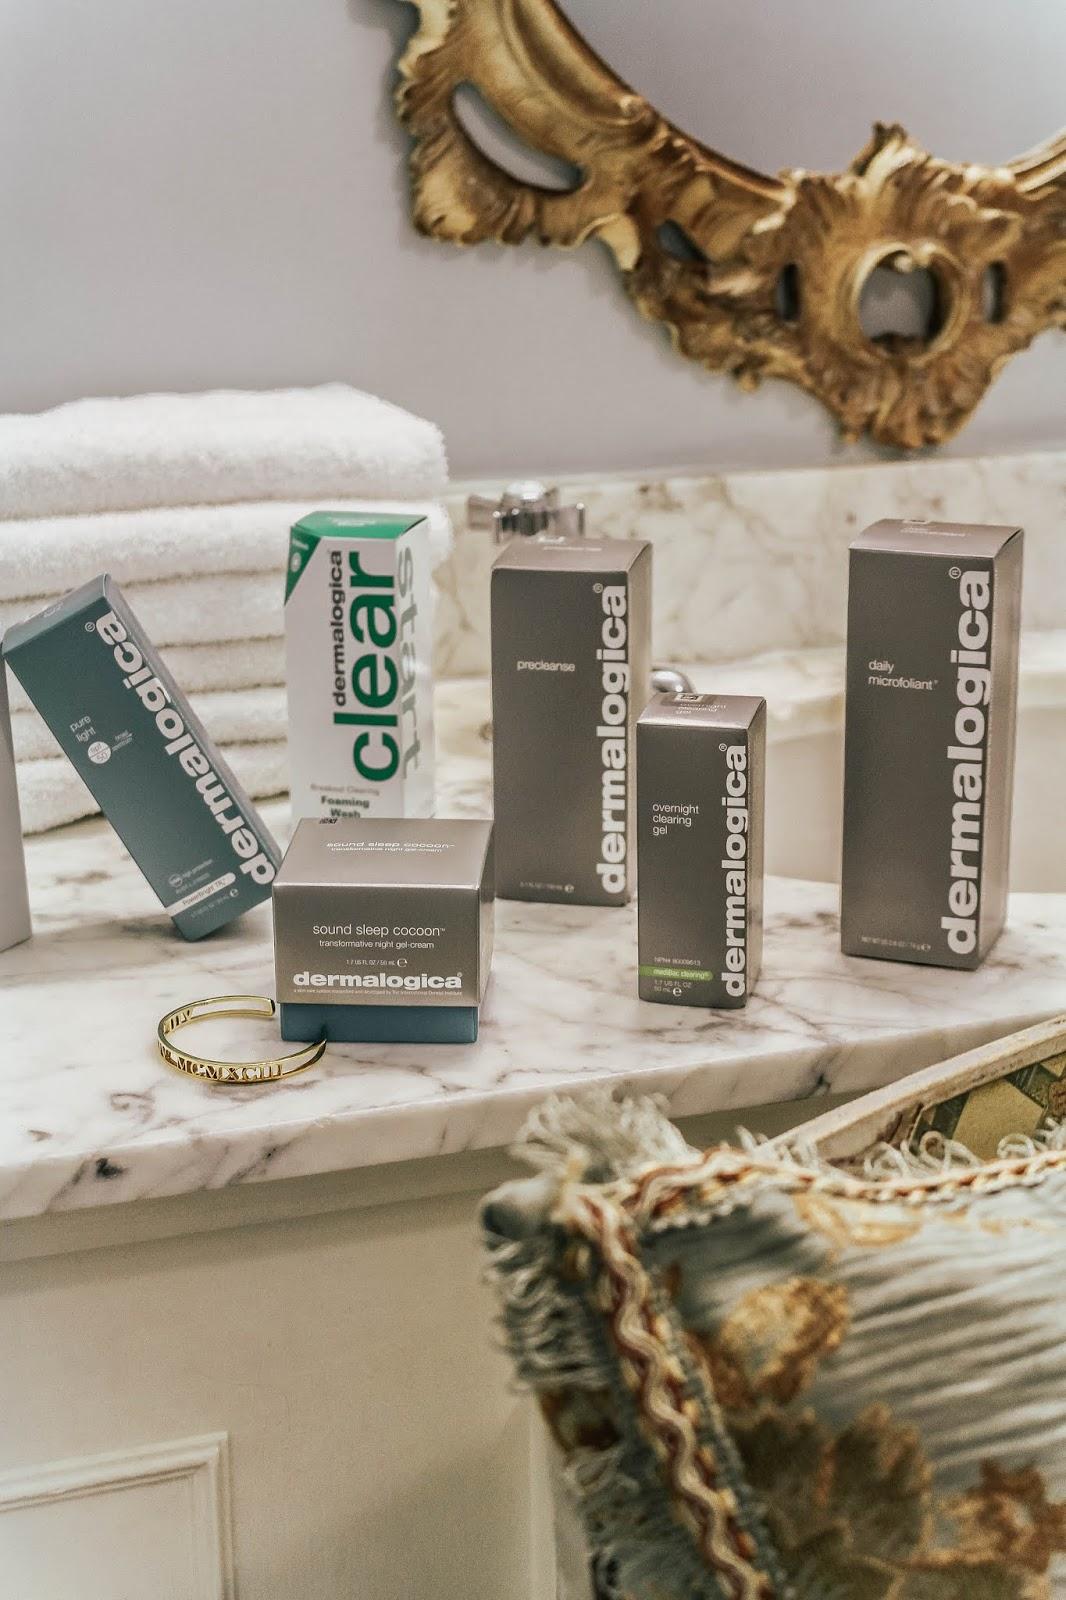 UK Beauty Blog Dermalogica Skincare Regime Review